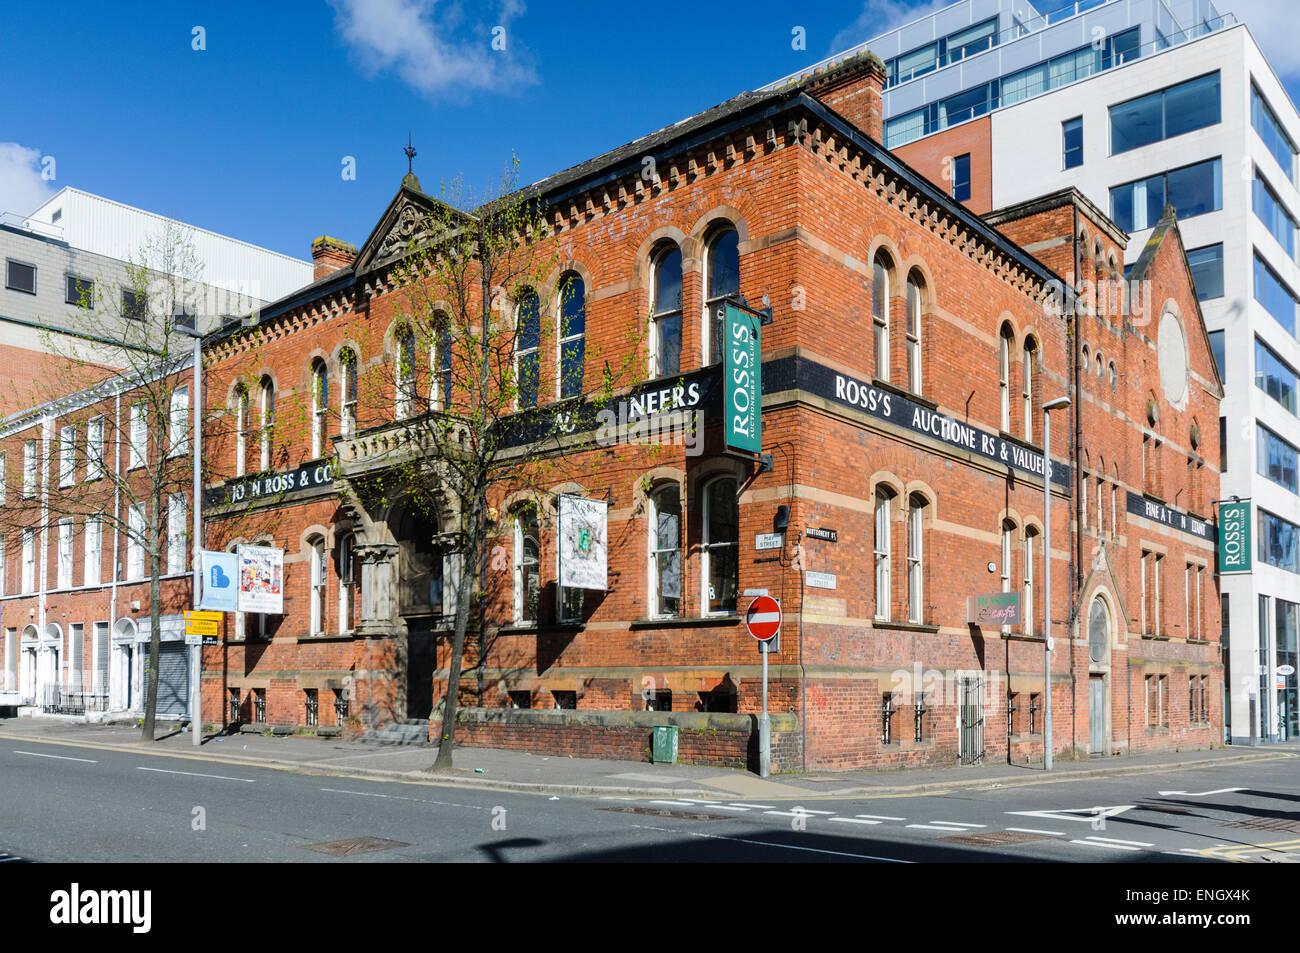 Ross's Antique Auctioneers, Belfast - Stock Image